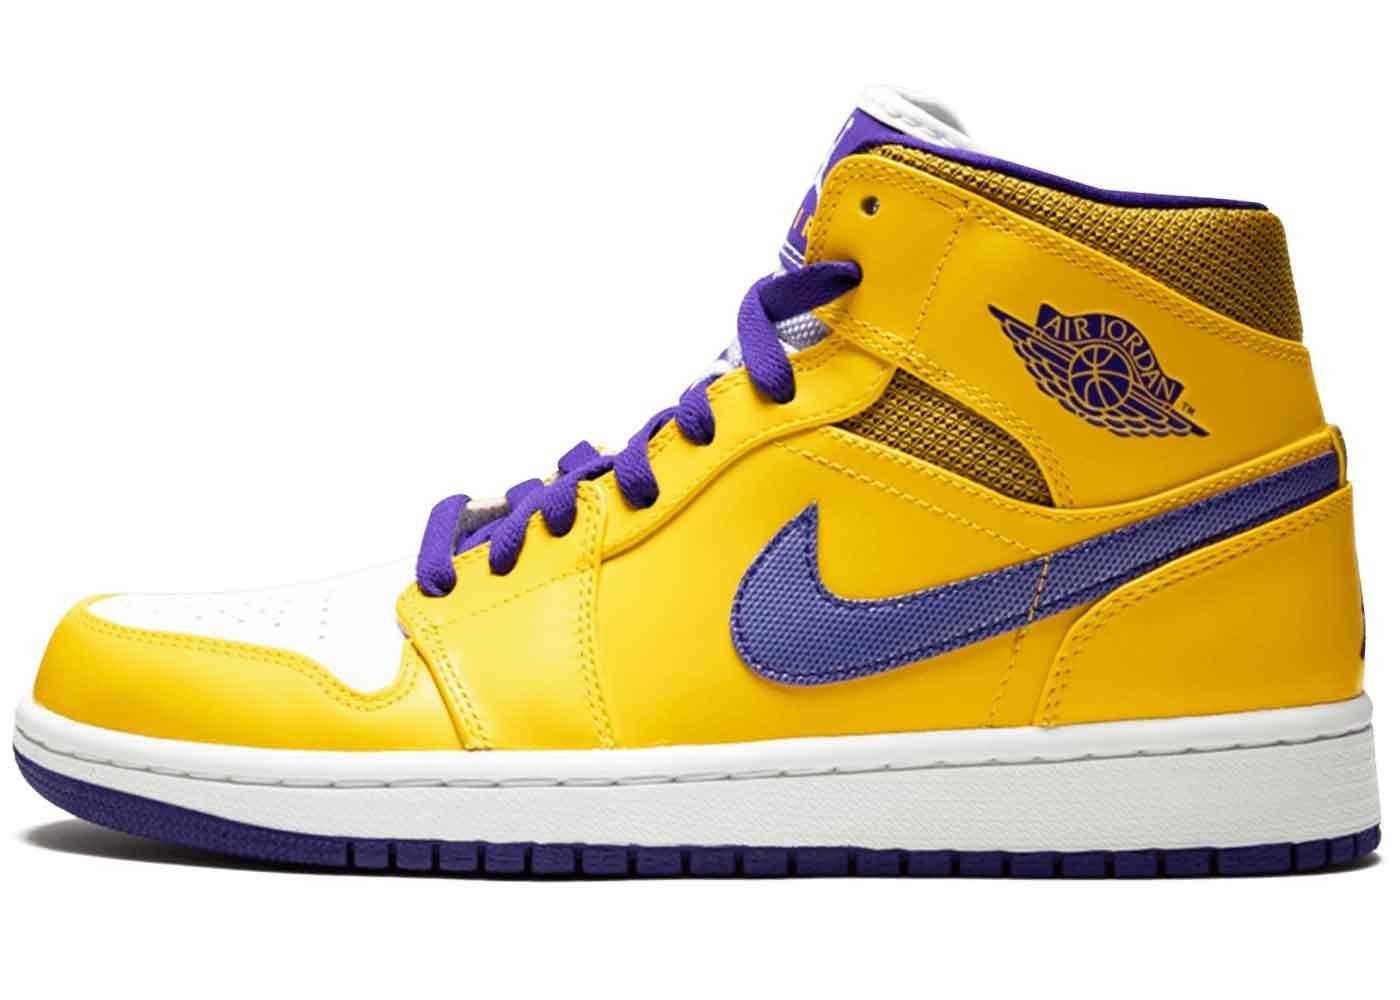 Nike Air Jordan 1 Mid Lakersの写真